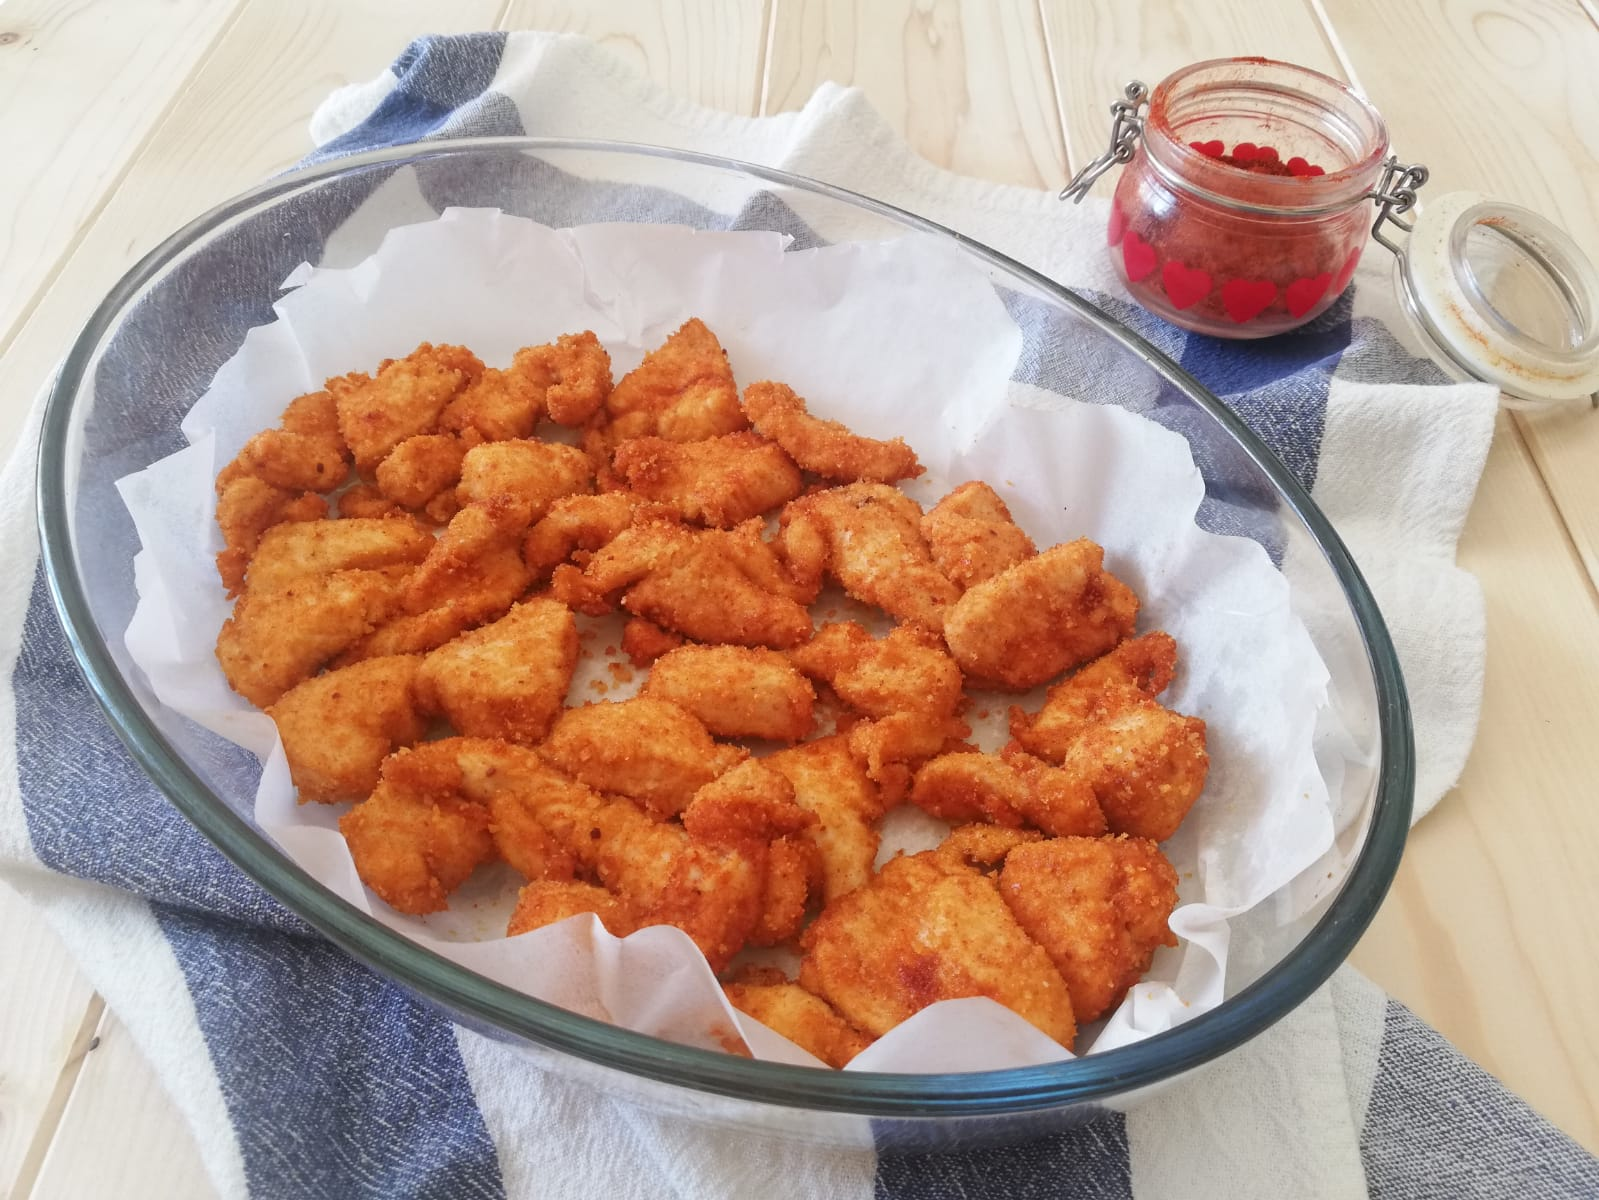 bocconcini di pollo alla paprika al forno orizz